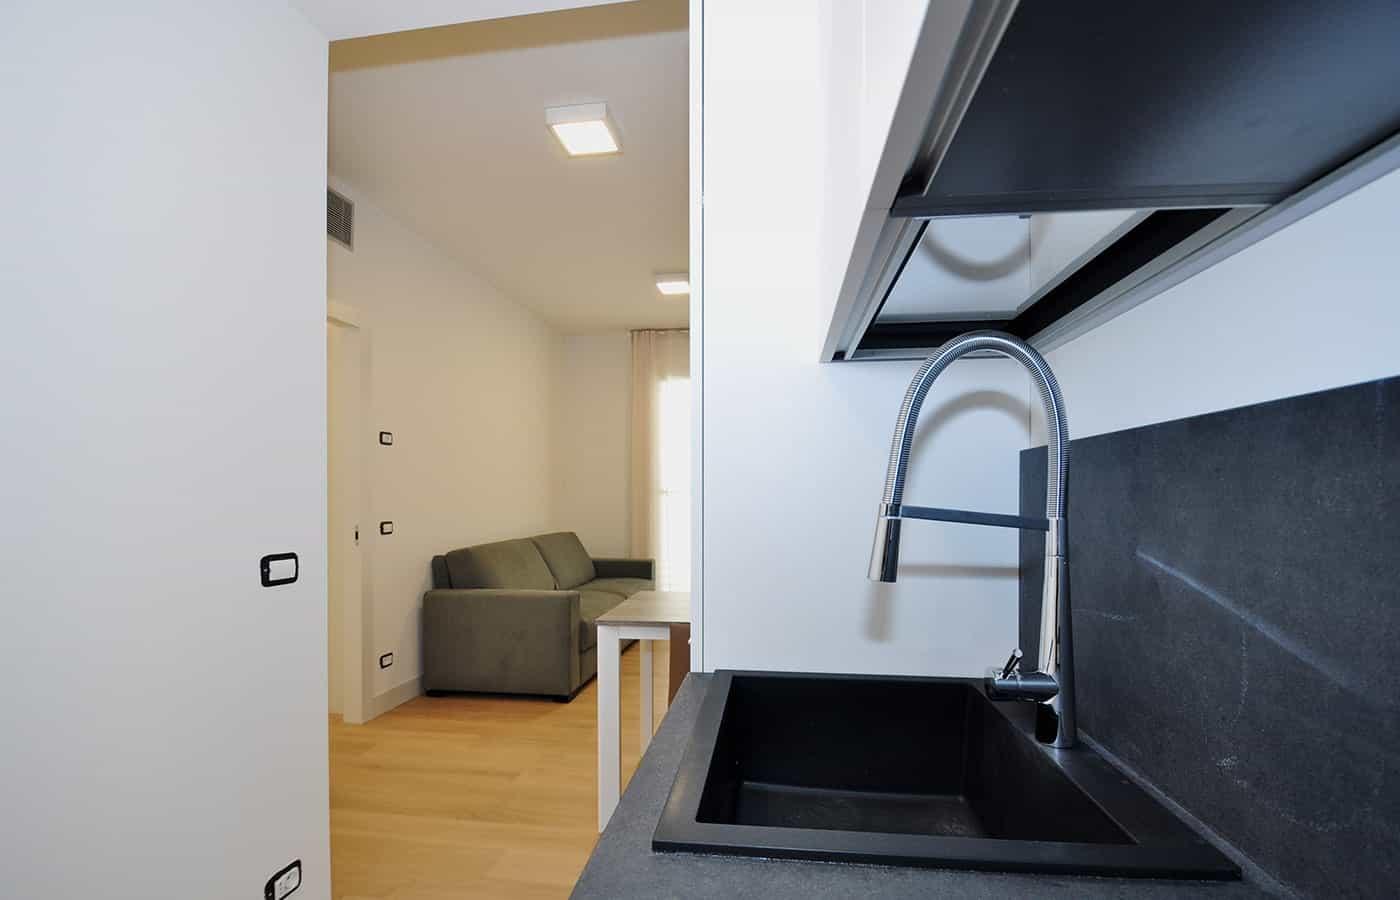 Lavandino Cucina - Progetto Via della Moscova Milano - Il Mobile